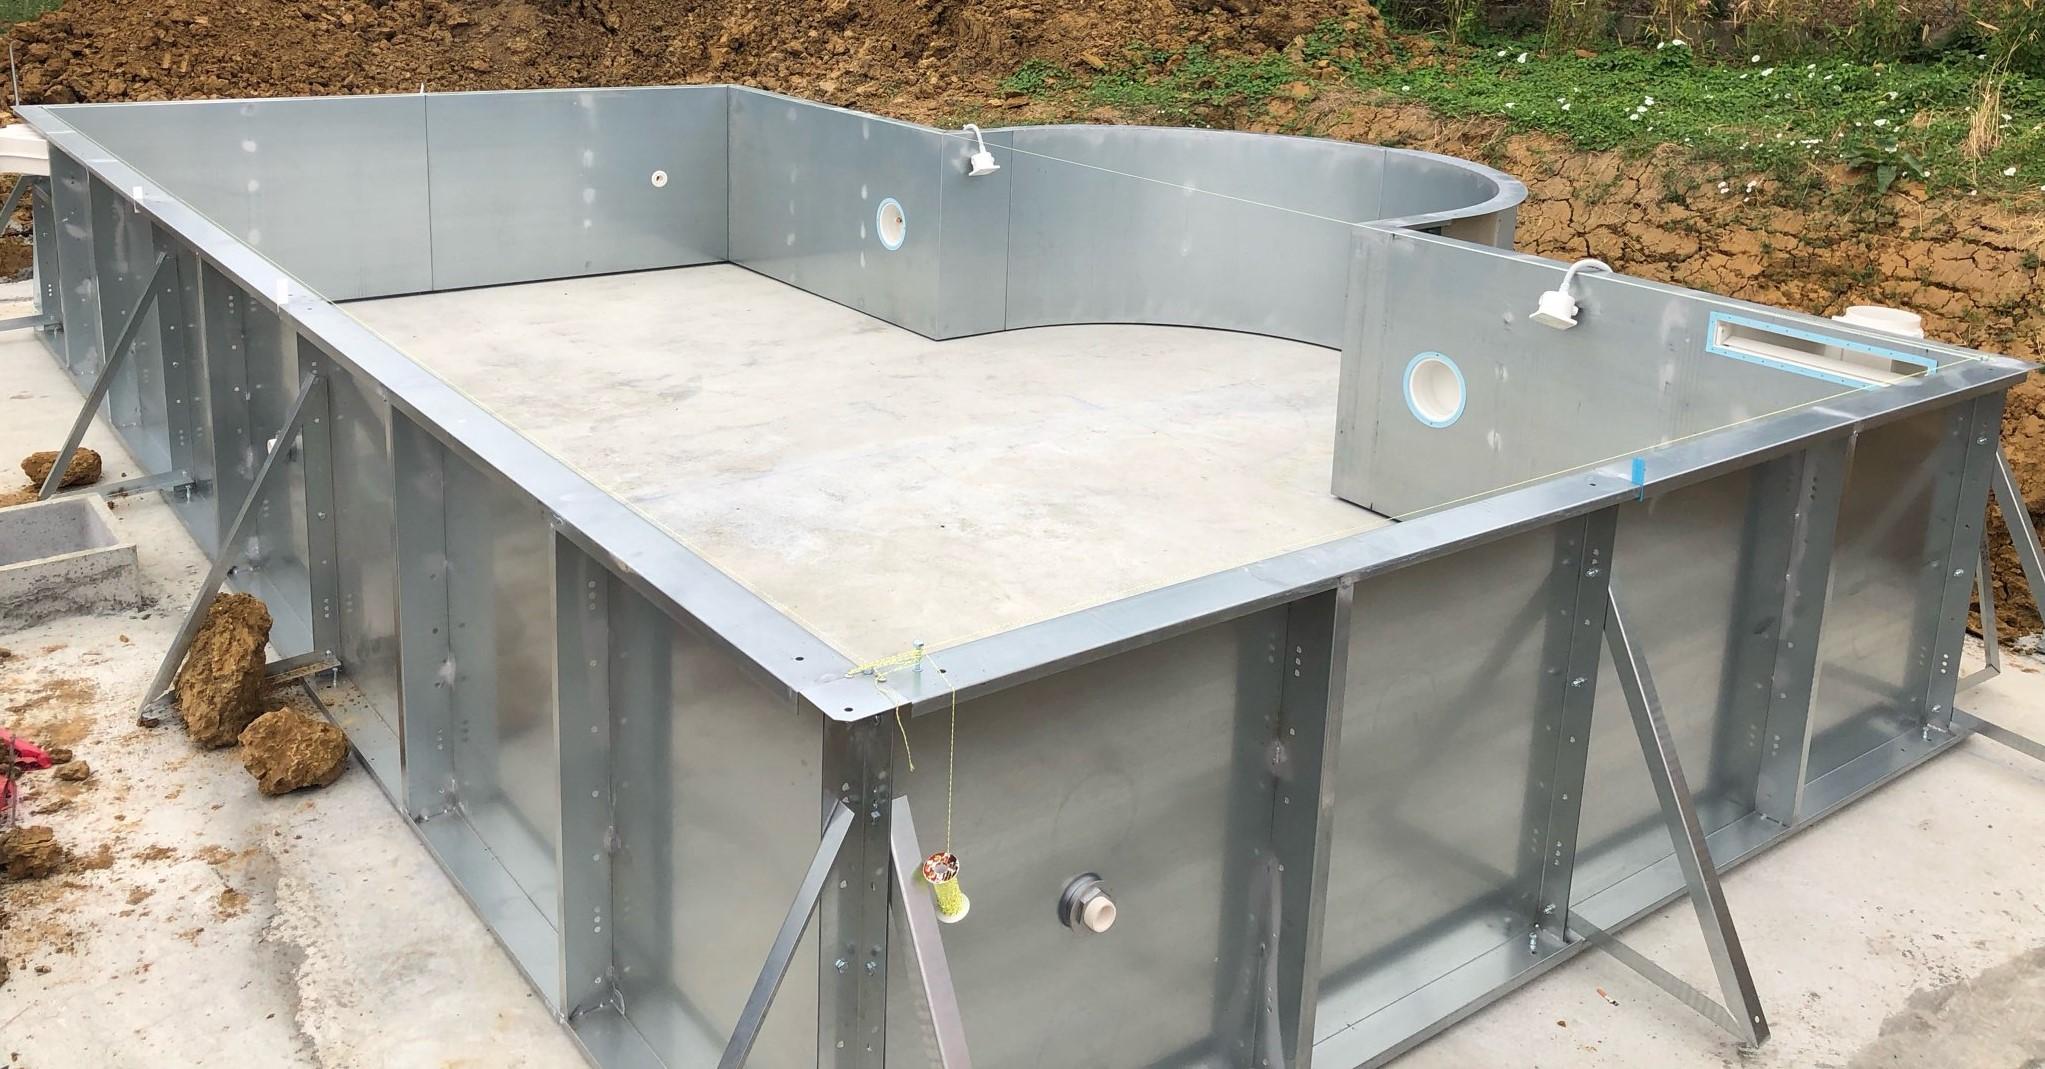 struttura autoportante piscine in pannelli d'acciaio